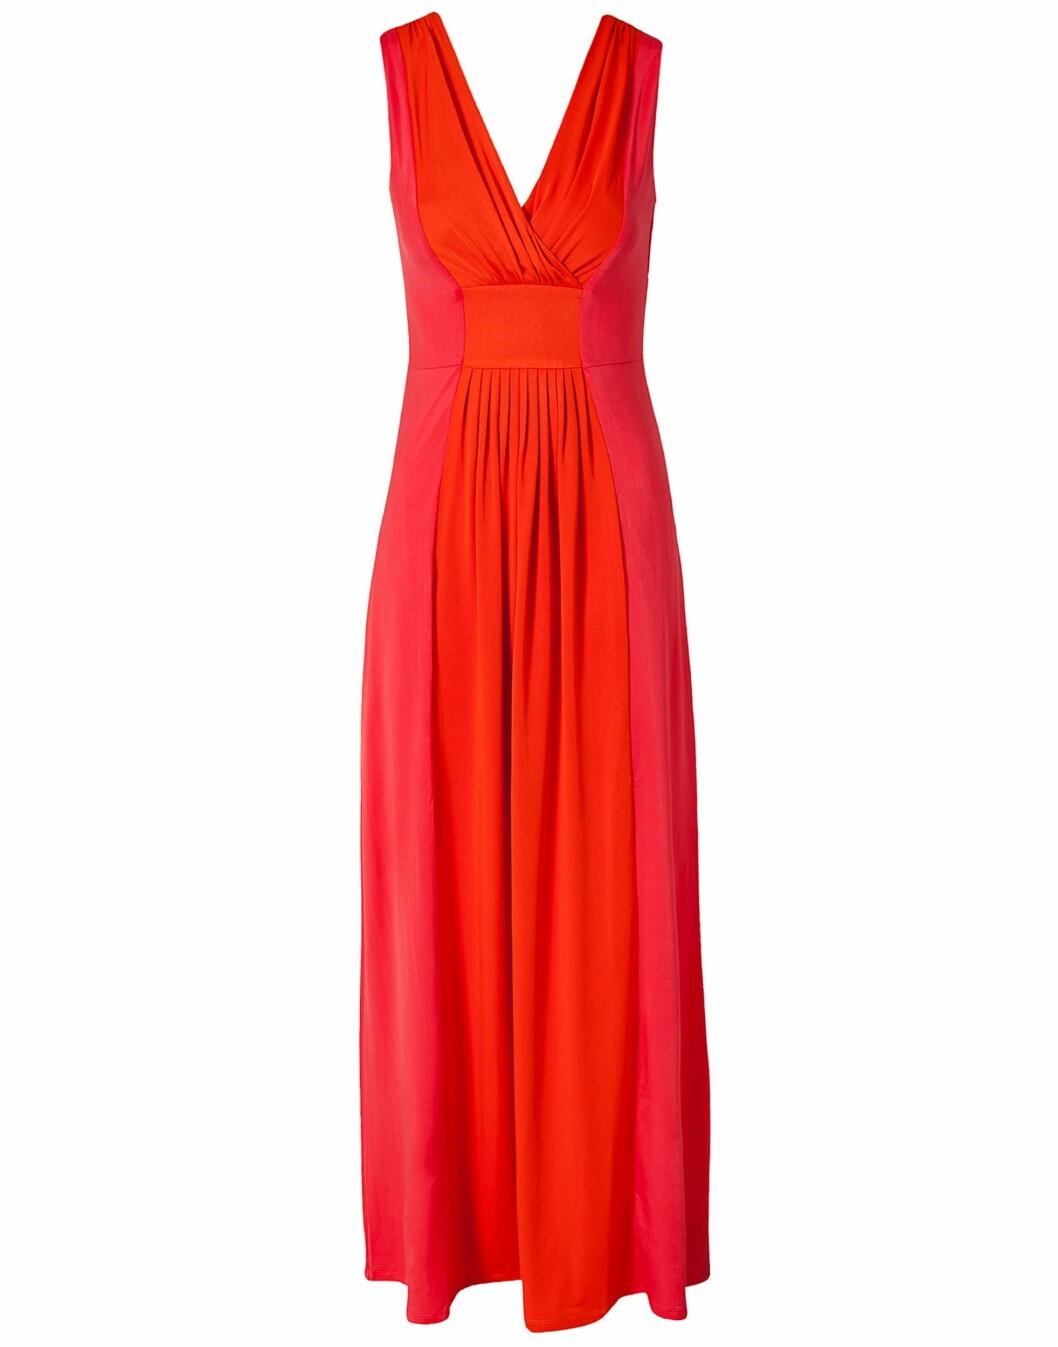 Fotsid kjole med innsving i livet fra Fever London (kr 899/nelly.com). Foto: Produsent